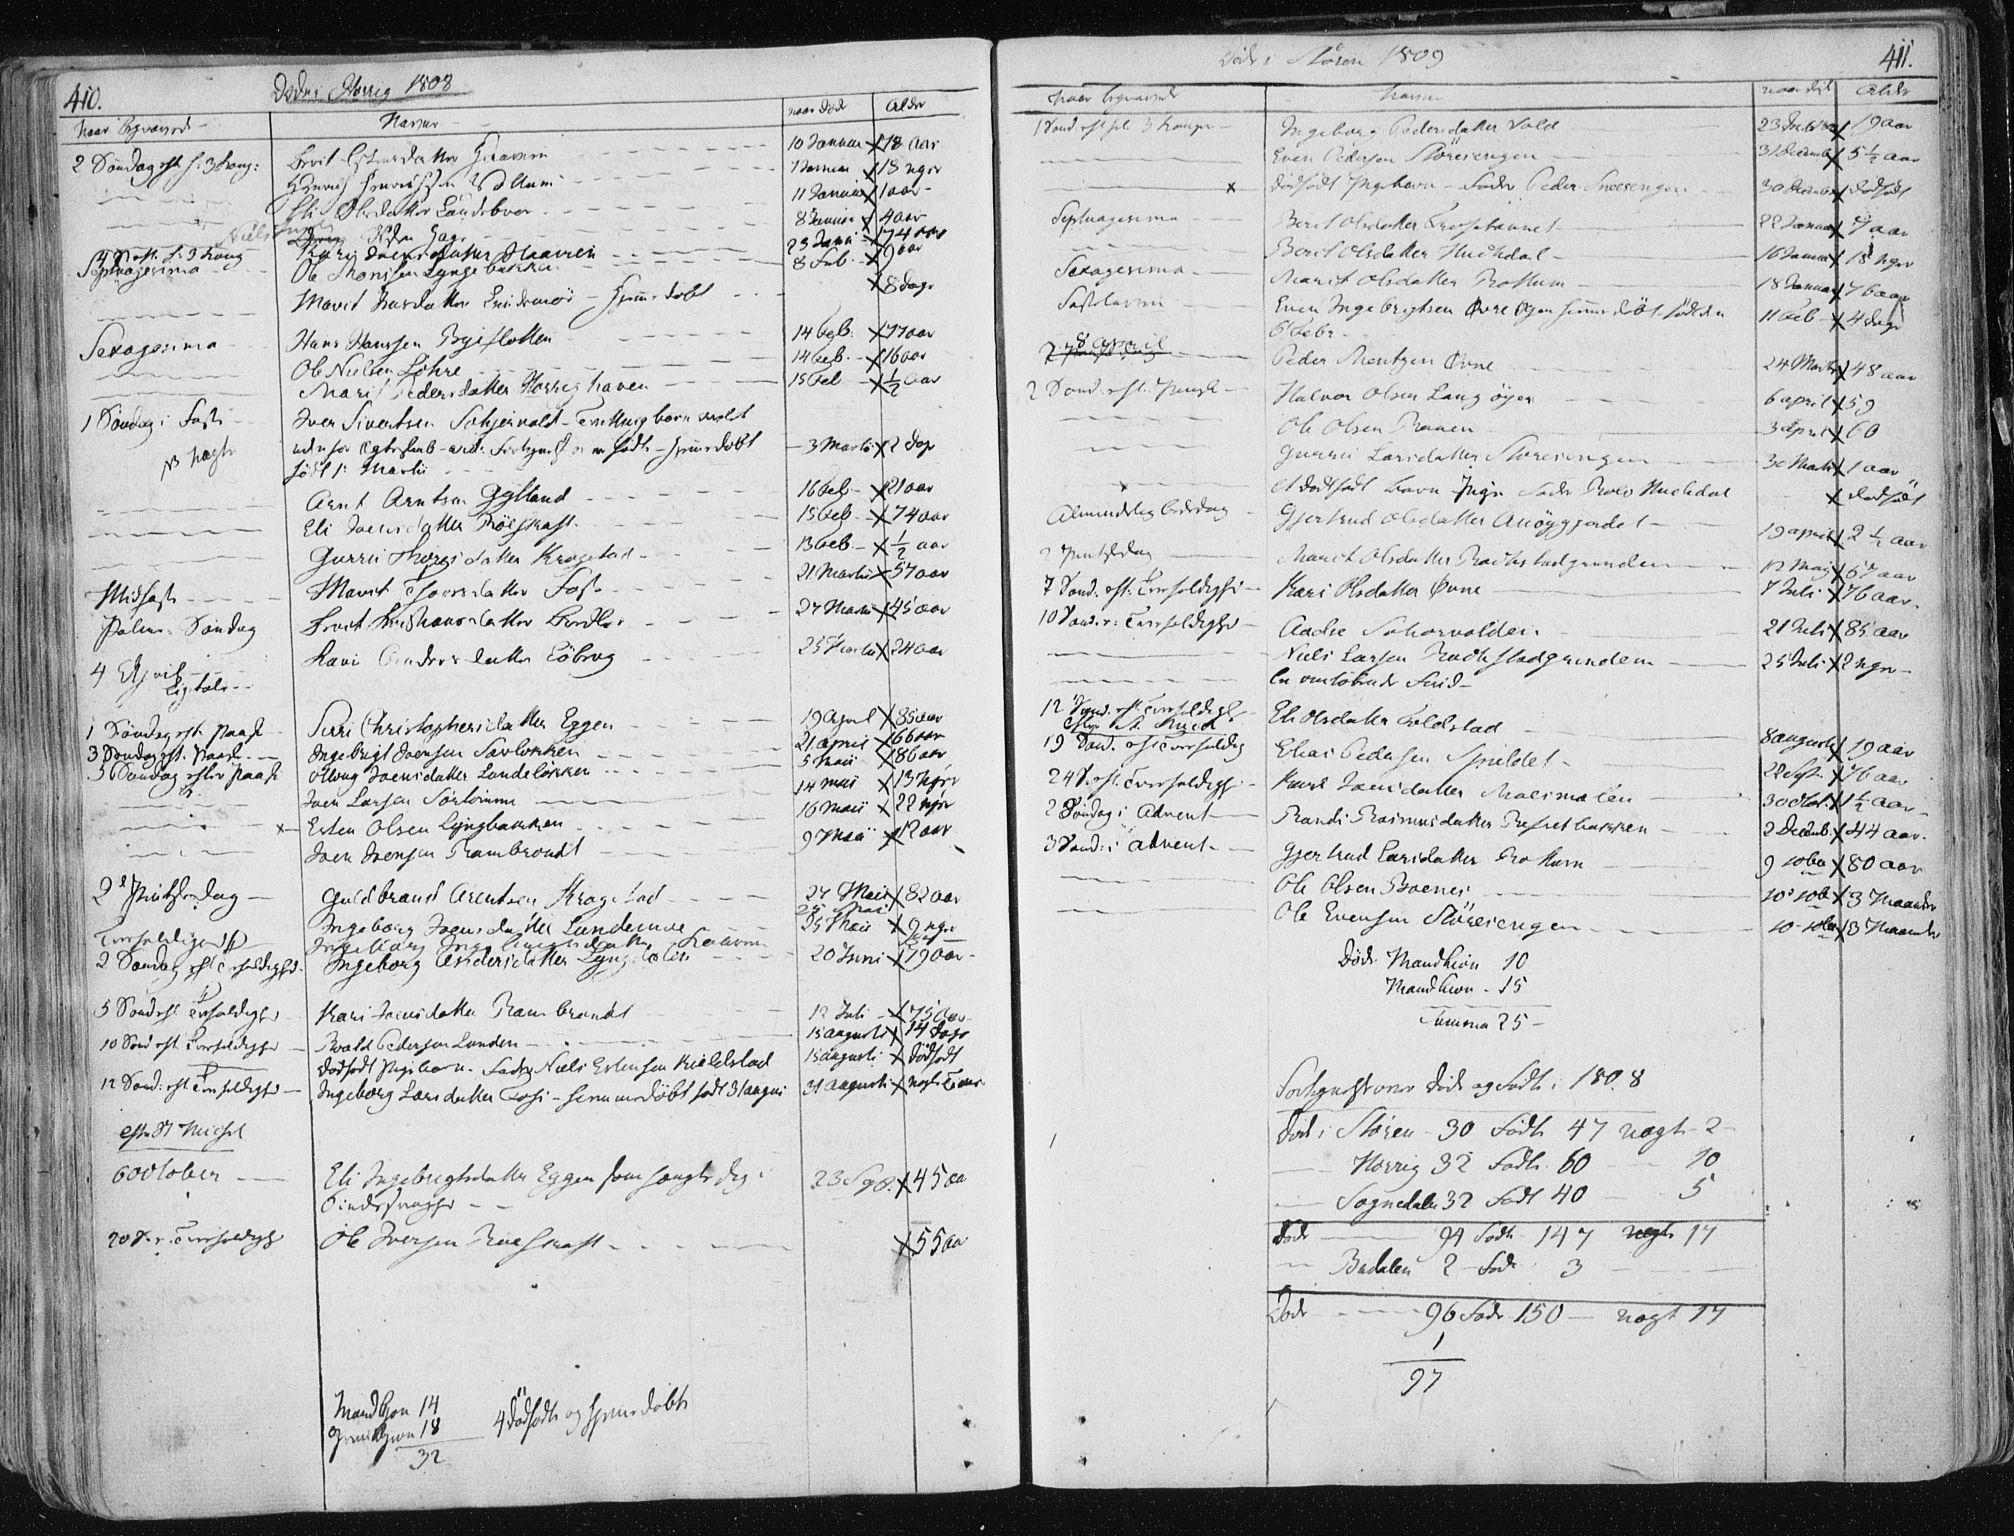 SAT, Ministerialprotokoller, klokkerbøker og fødselsregistre - Sør-Trøndelag, 687/L0992: Ministerialbok nr. 687A03 /1, 1788-1815, s. 410-411